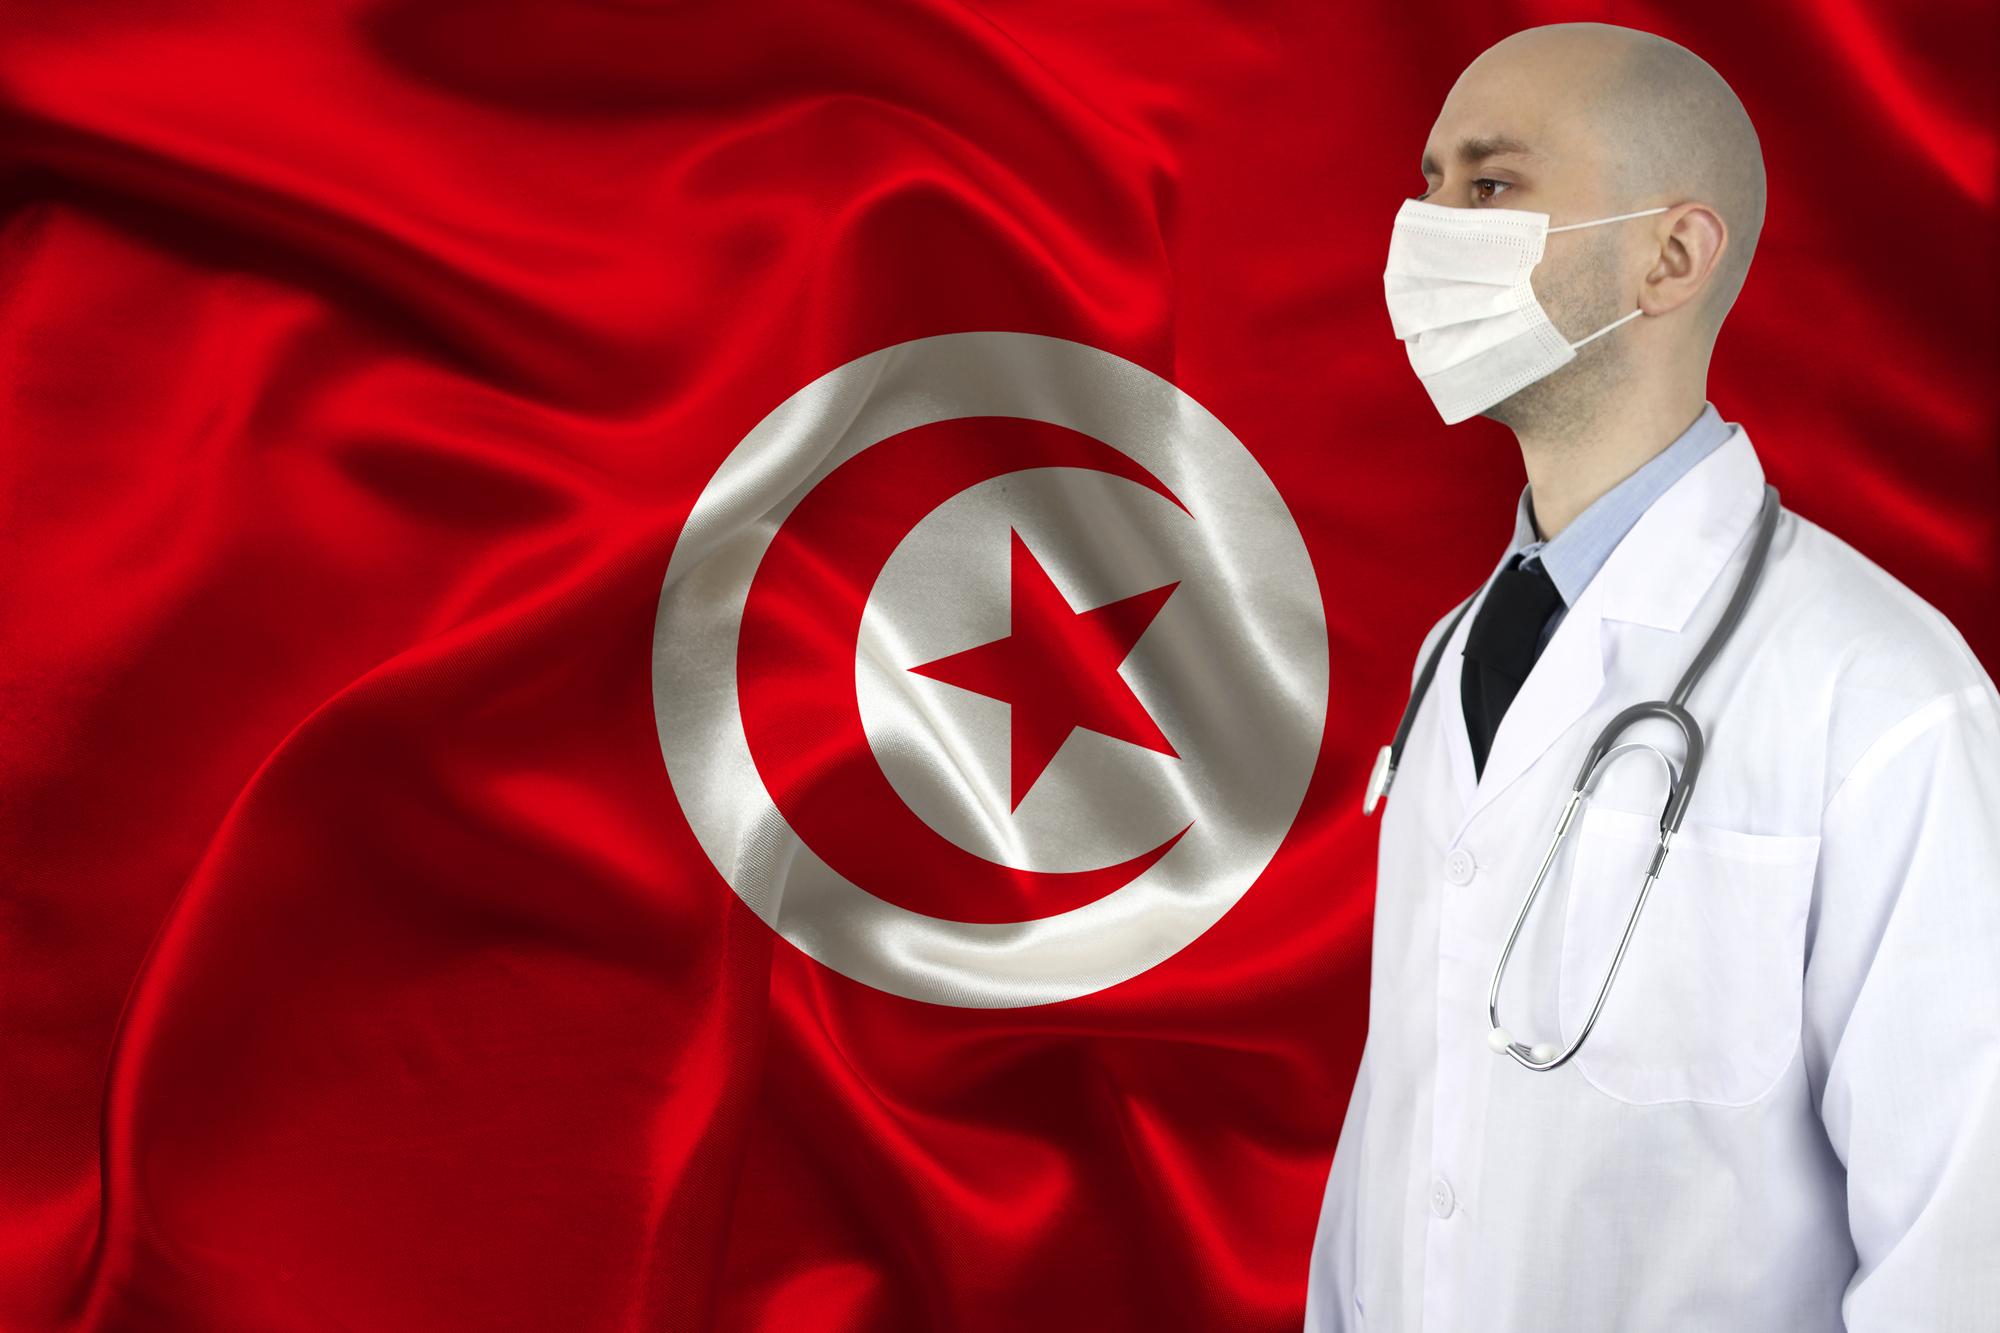 Coronavirus : le Le système médical tunisien est en alerte /crédit DEpositPhoto